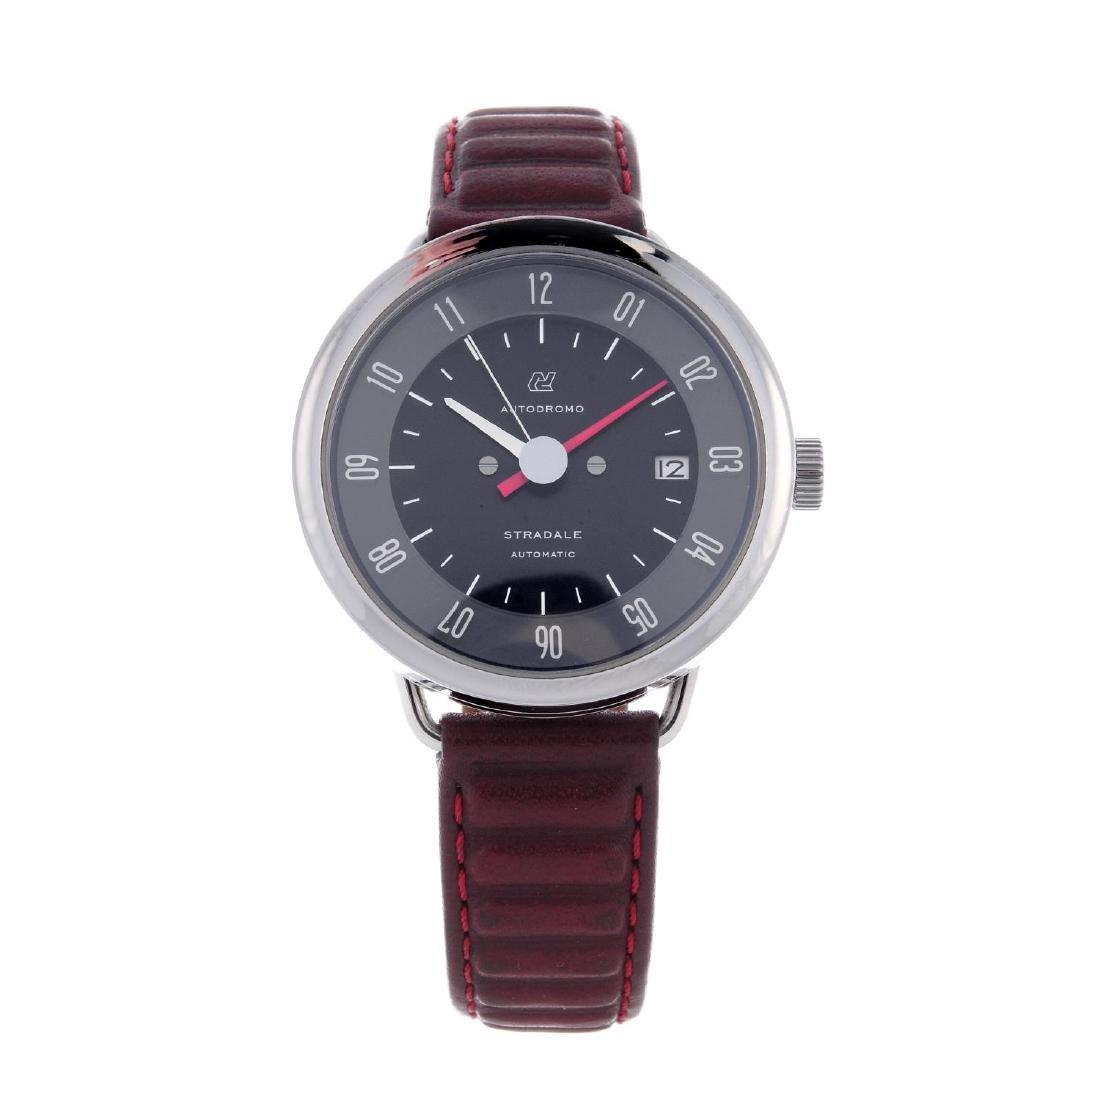 AUTODROMO - a gentleman's Stradale wrist watch.